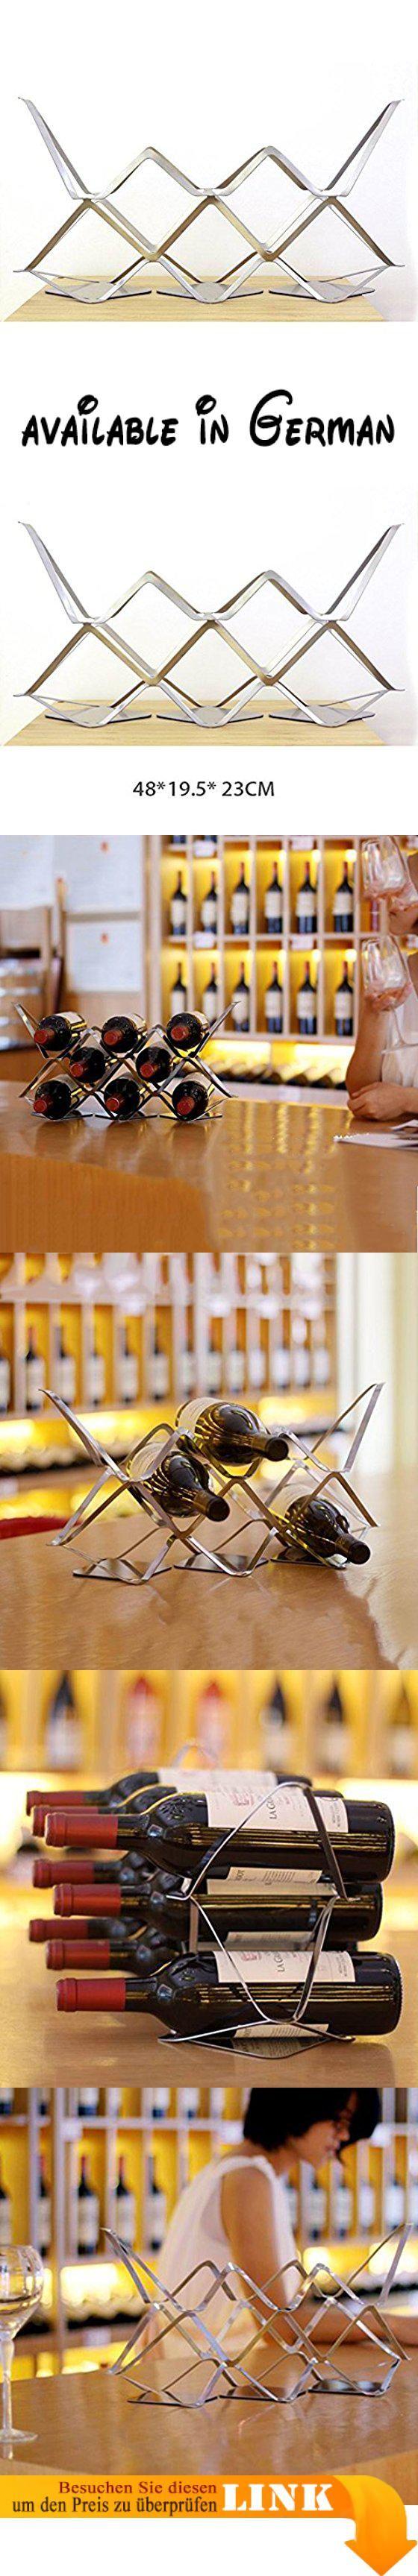 B077W3RGP7 : LC Rotwein Rack Wein Mode Möbel Edelstahl Wein Schrank Hause Kreative Trauben Metall Dekoration.  Material: 304 Edelstahl 15 mm dick..  Größe: 48  195  23cm. (Länge L  Breite W  hoch H) 1-3 cm Fehlerdifferenz..  Prozess: Edelstahl Oberfläche Spiegel Behandlung Papier schneiden Design-Prozess Laserschneiden..  Verwendet: Dieser Weinregal kann Rotwein Rack so schön und großzügig ordentlich aussehen sehr komfortabel setzen..  Platz